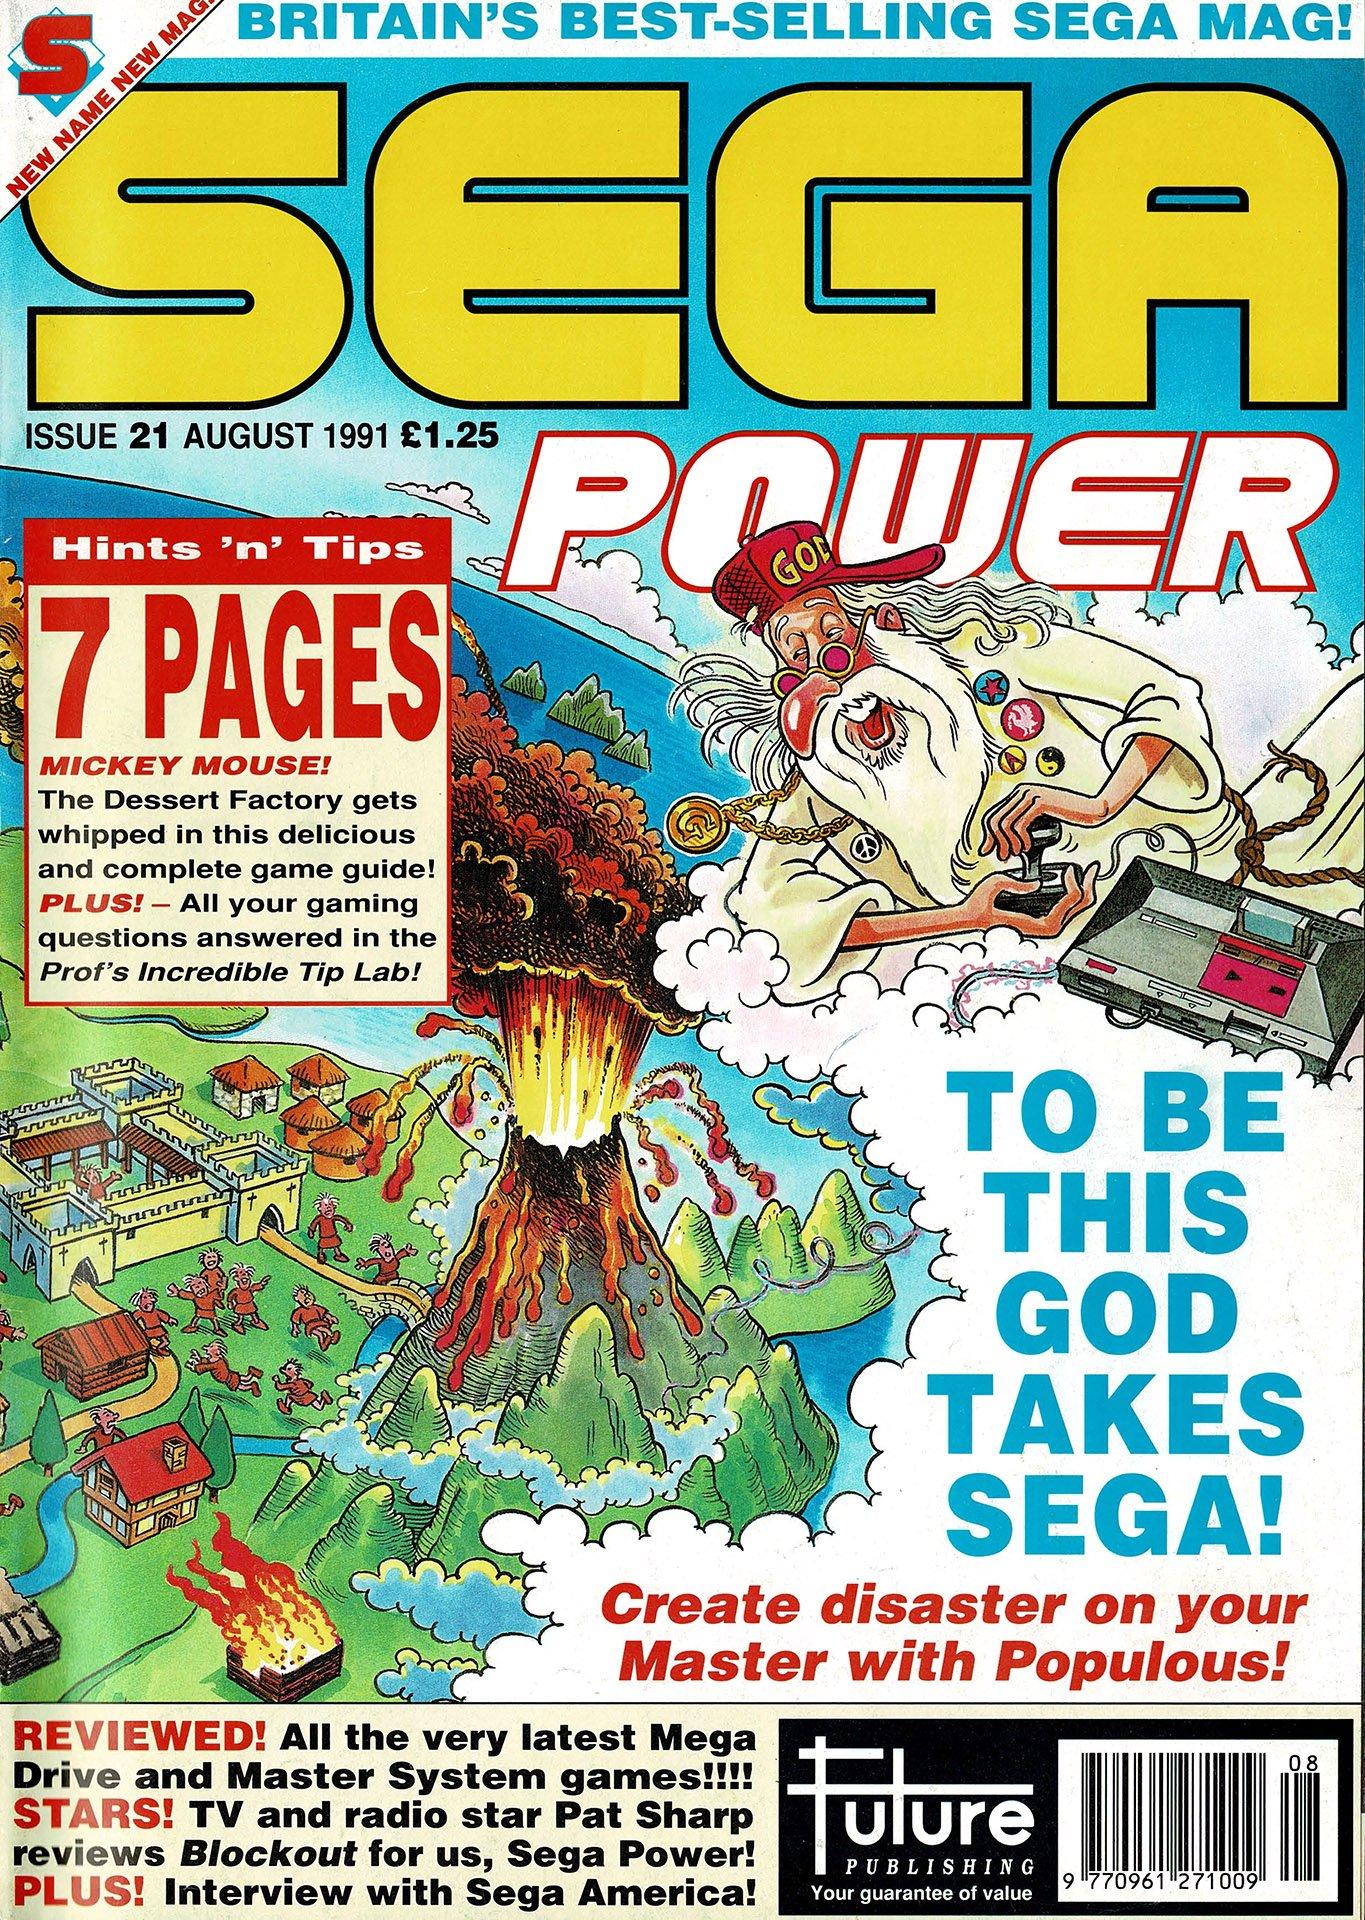 Sega Power Issue 21 (August 1991)